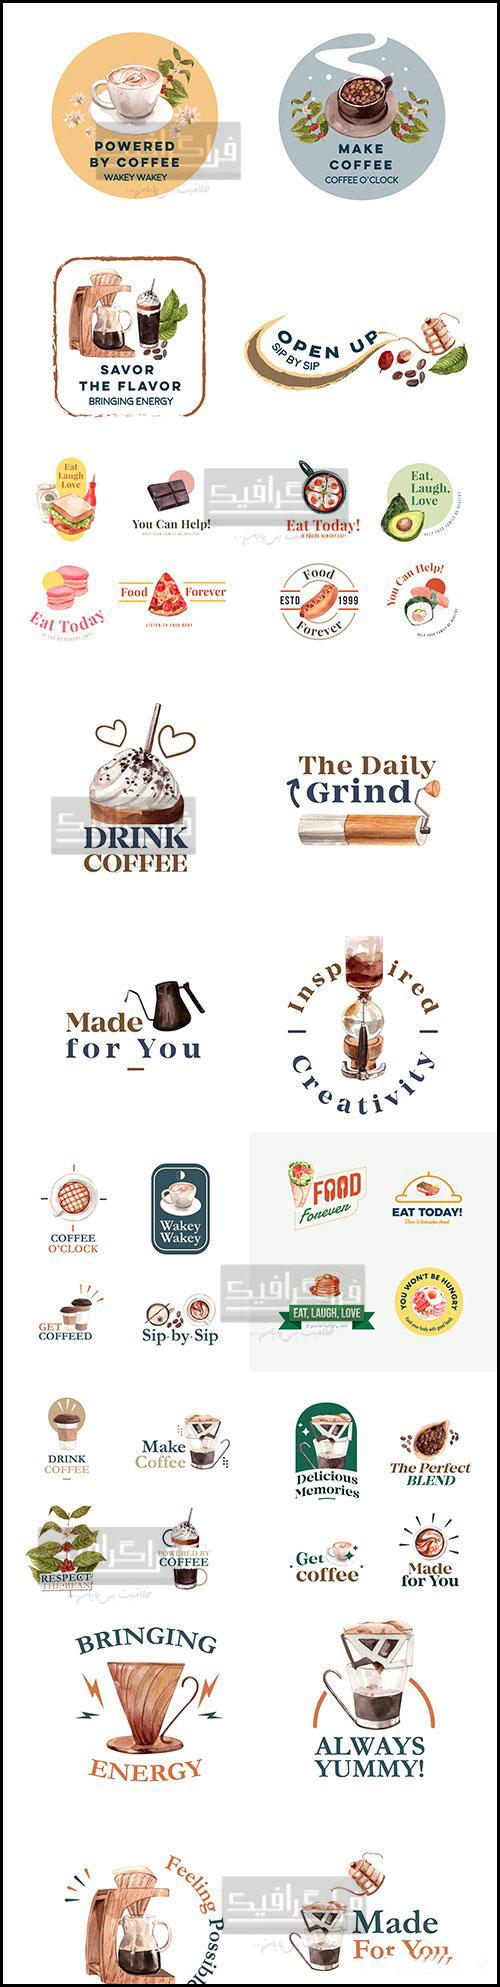 دانلود لوگو های غذا و نوشیدنی - طرح آبرنگ